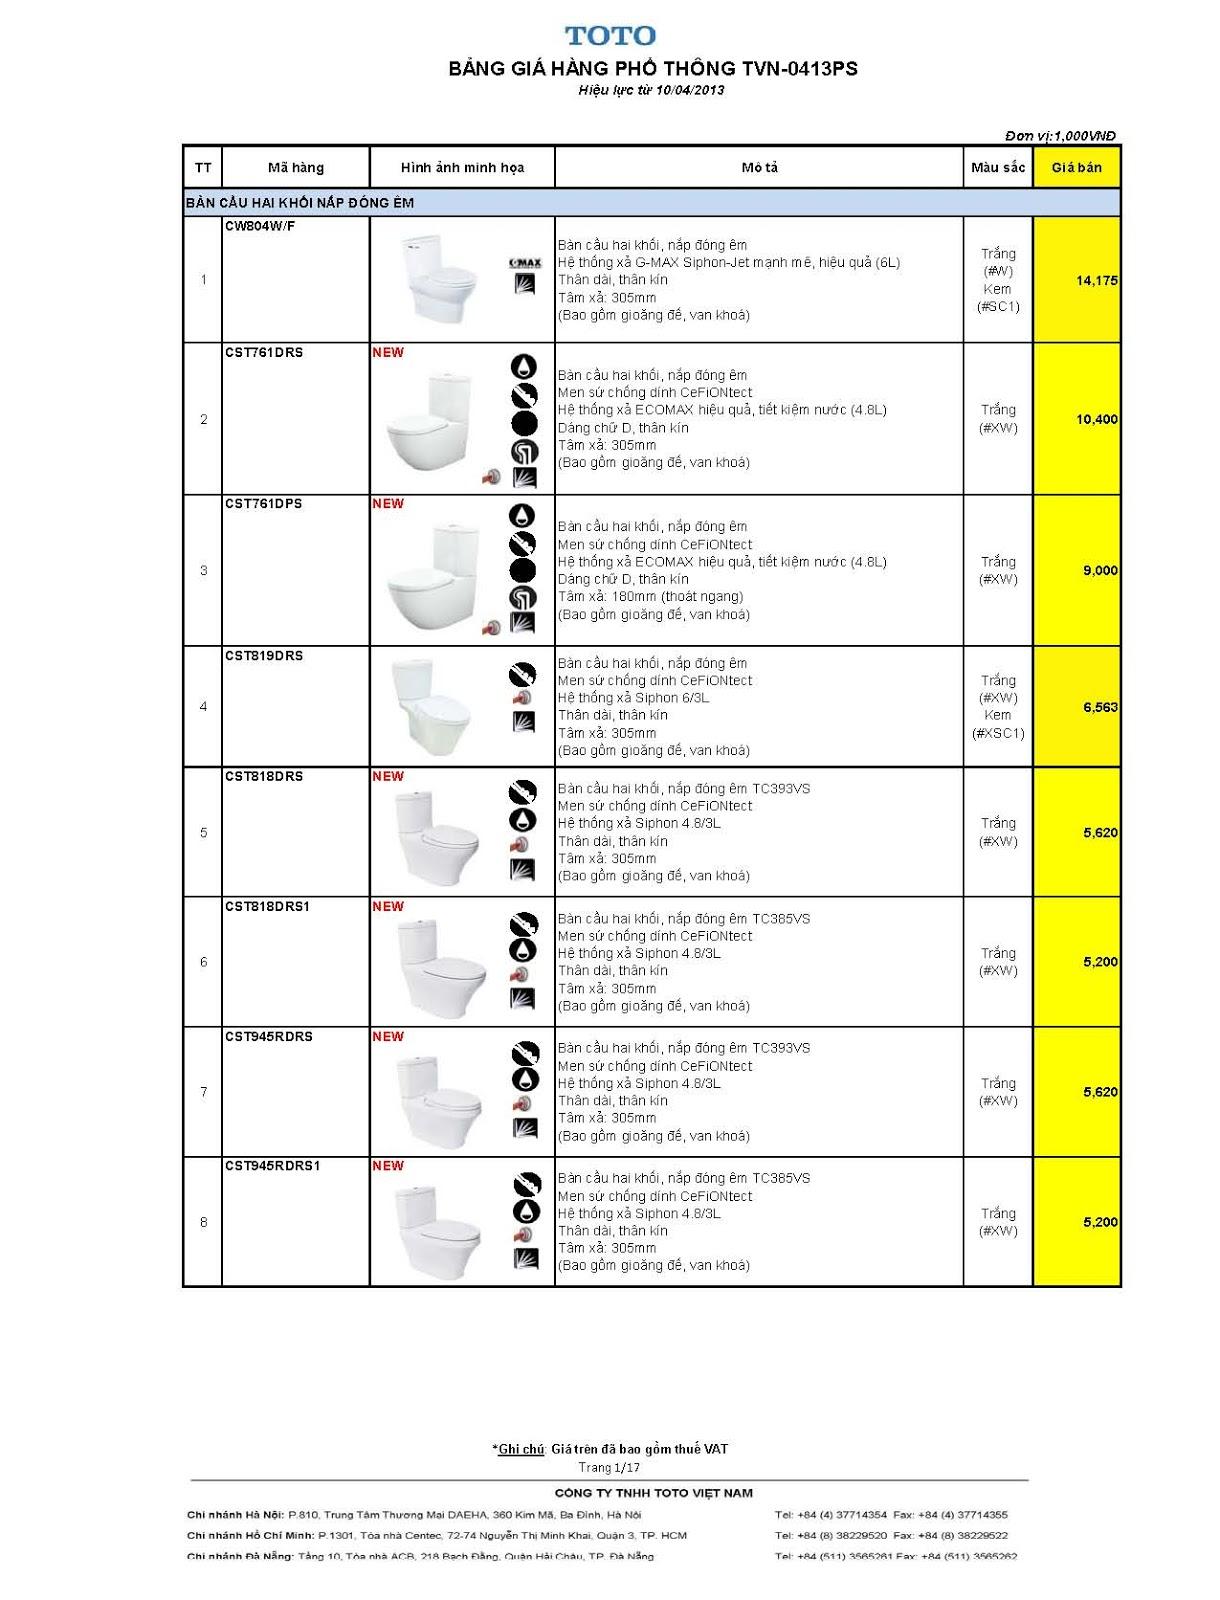 Báo giá Thiết bị vệ sinh ToTo-2013_Price_List_TVN0413PS